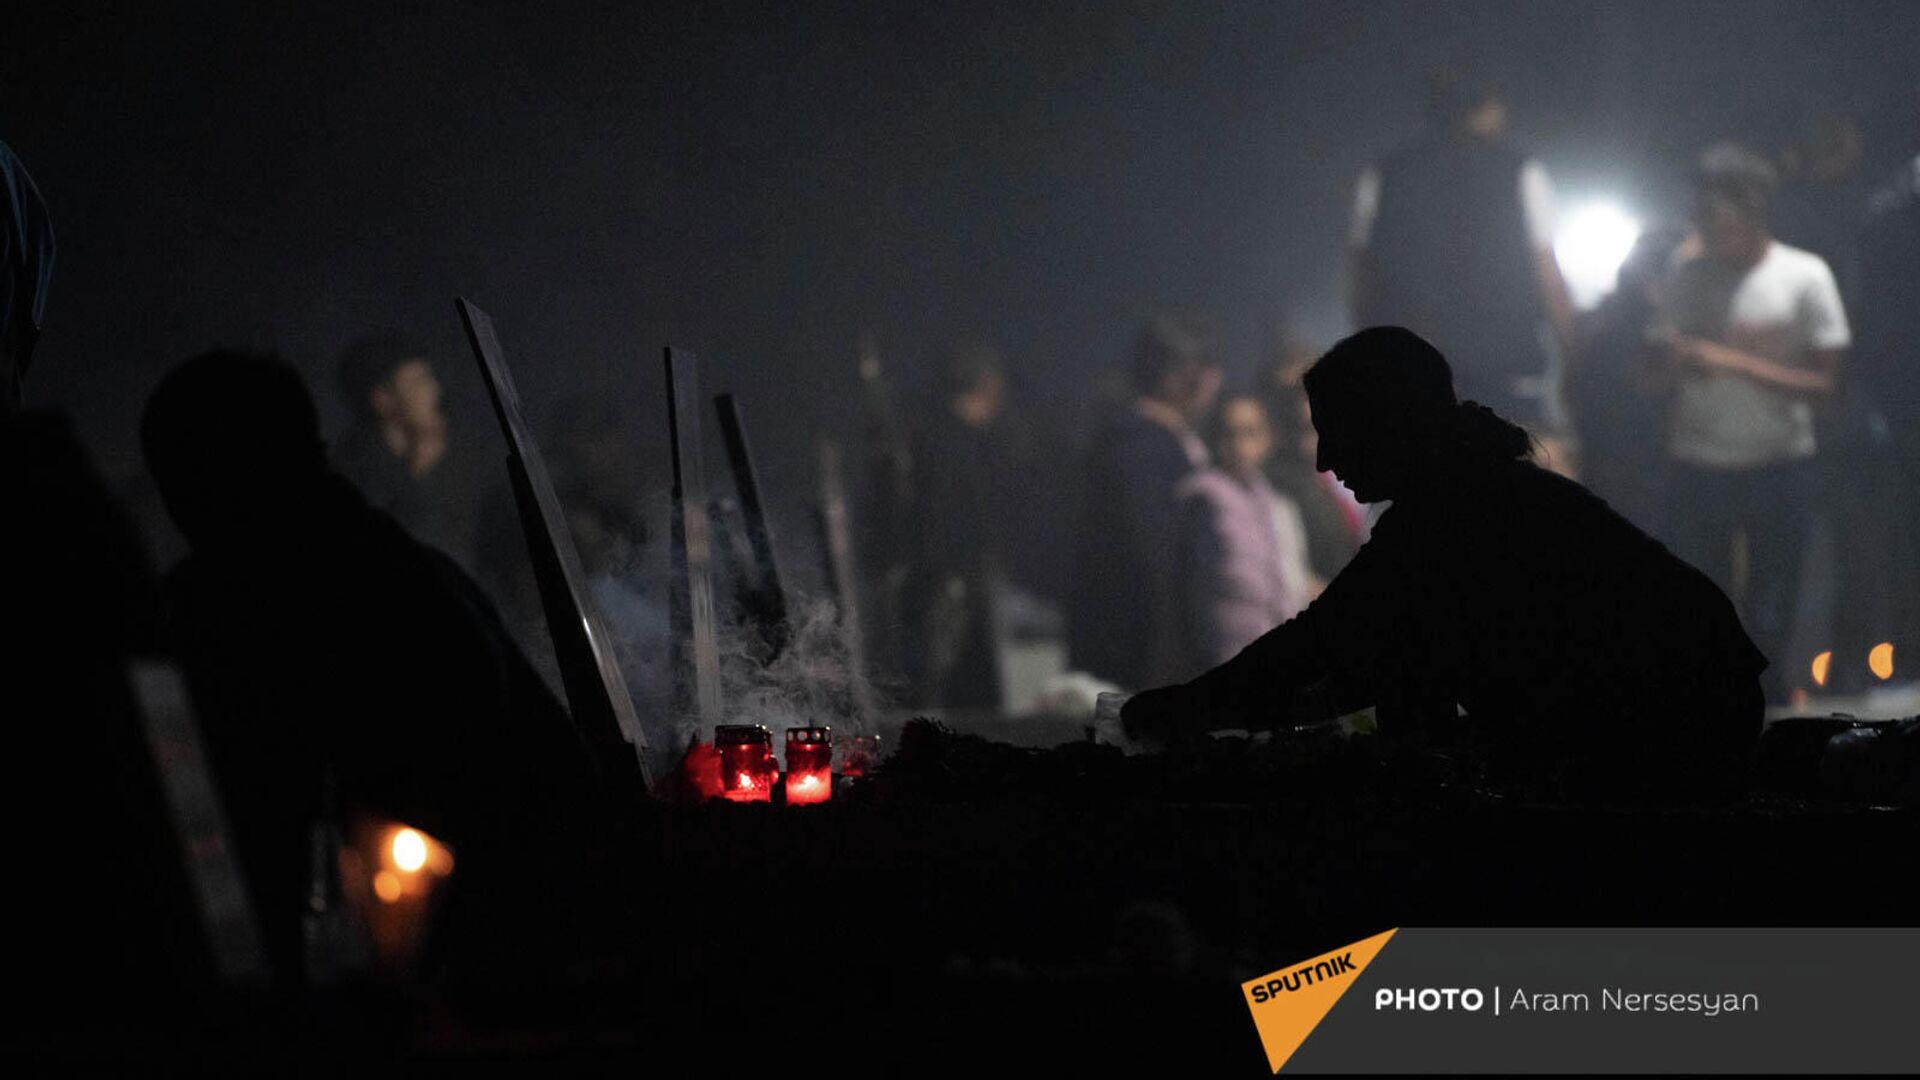 Военный пантеон Ераблур накануне годовщины 44-дневной войны в Карабахе - Sputnik Армения, 1920, 27.09.2021